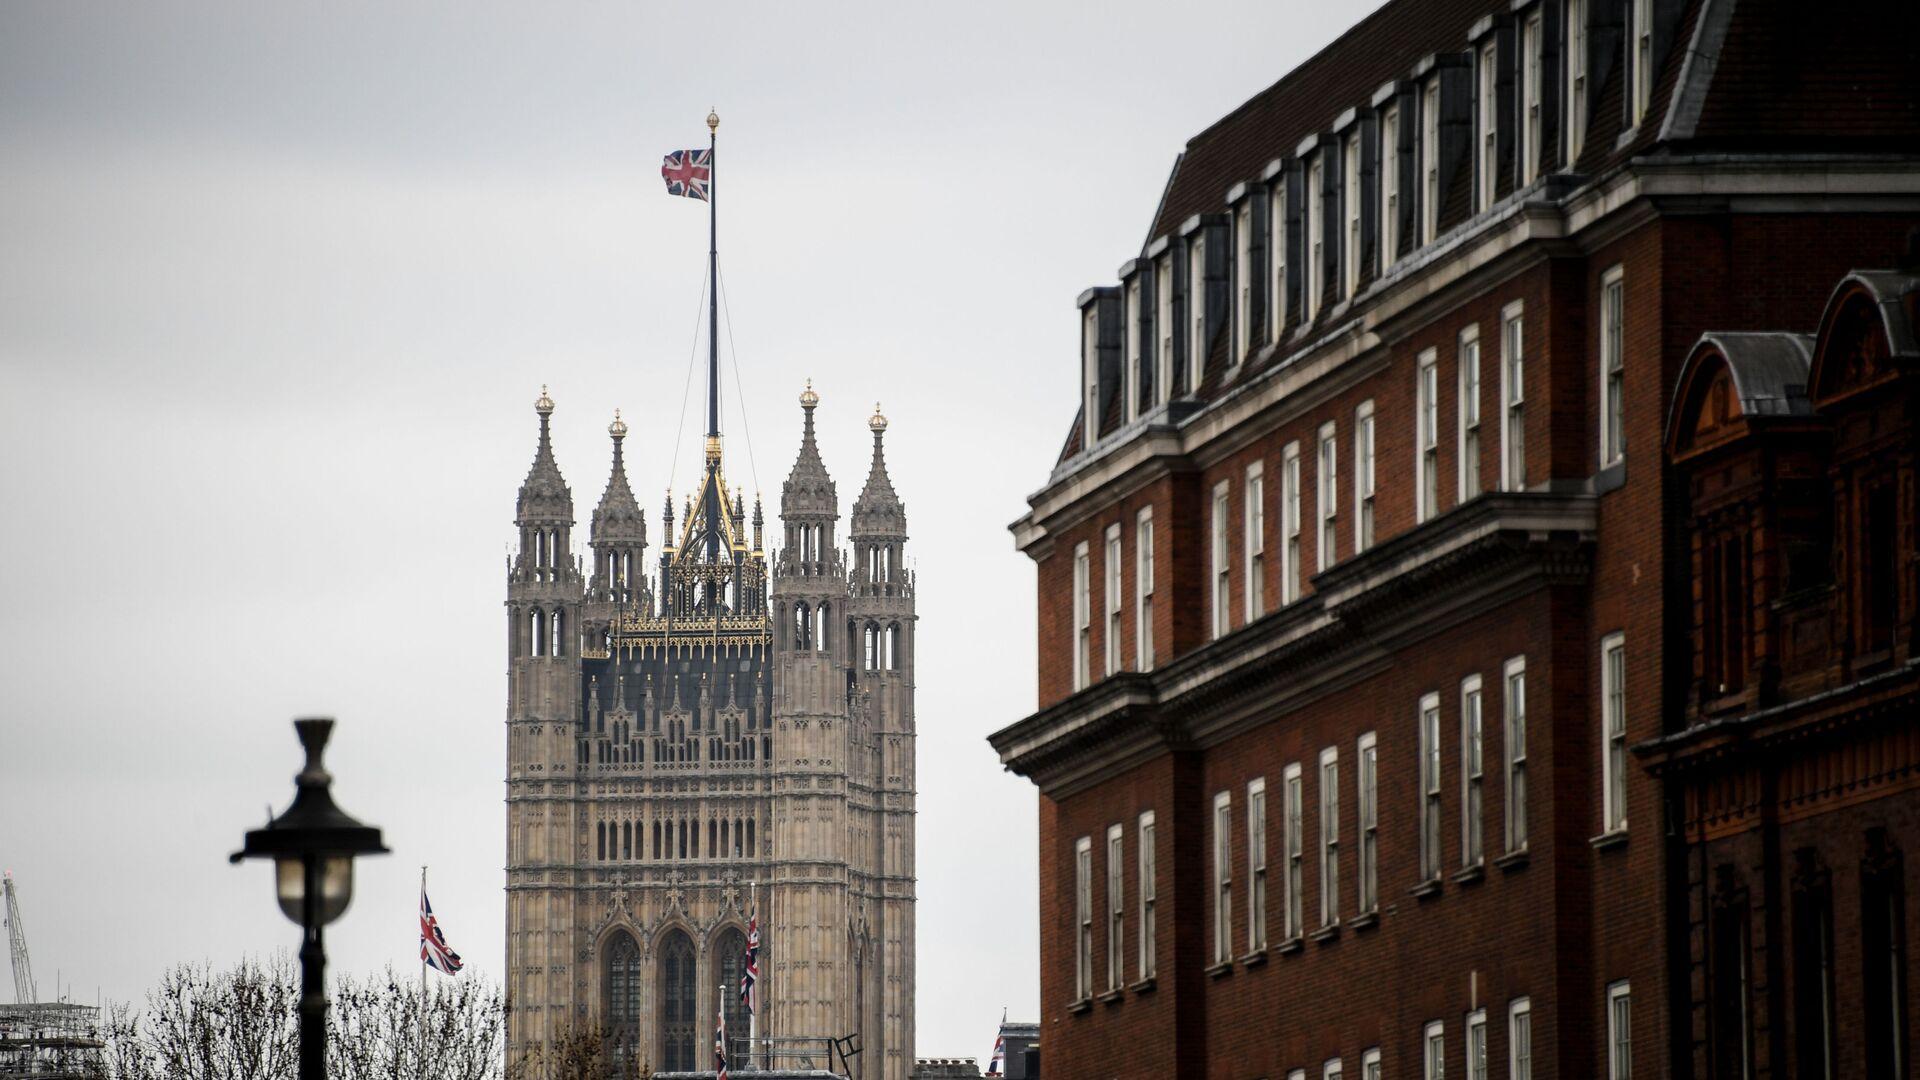 Il Palazzo di Westminster a Londra, dove si riunisce il Parlamento del Regno Unito - Sputnik Italia, 1920, 03.09.2021